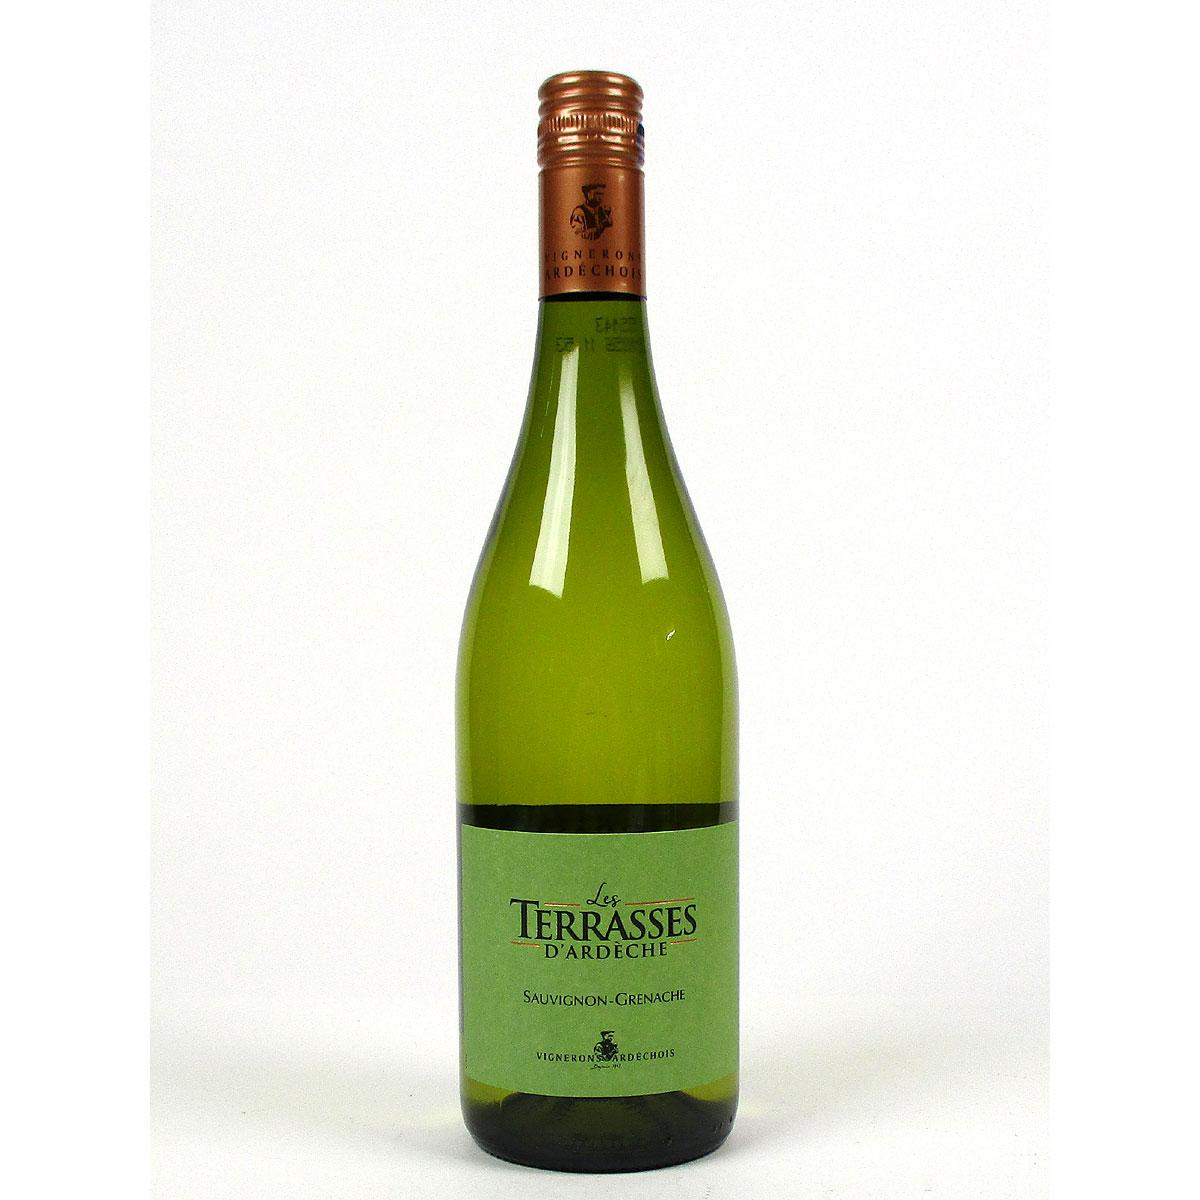 IGP Ardèche: Vignerons Ardéchois 'Les Terrasses' Blanc 2020 - Bottle